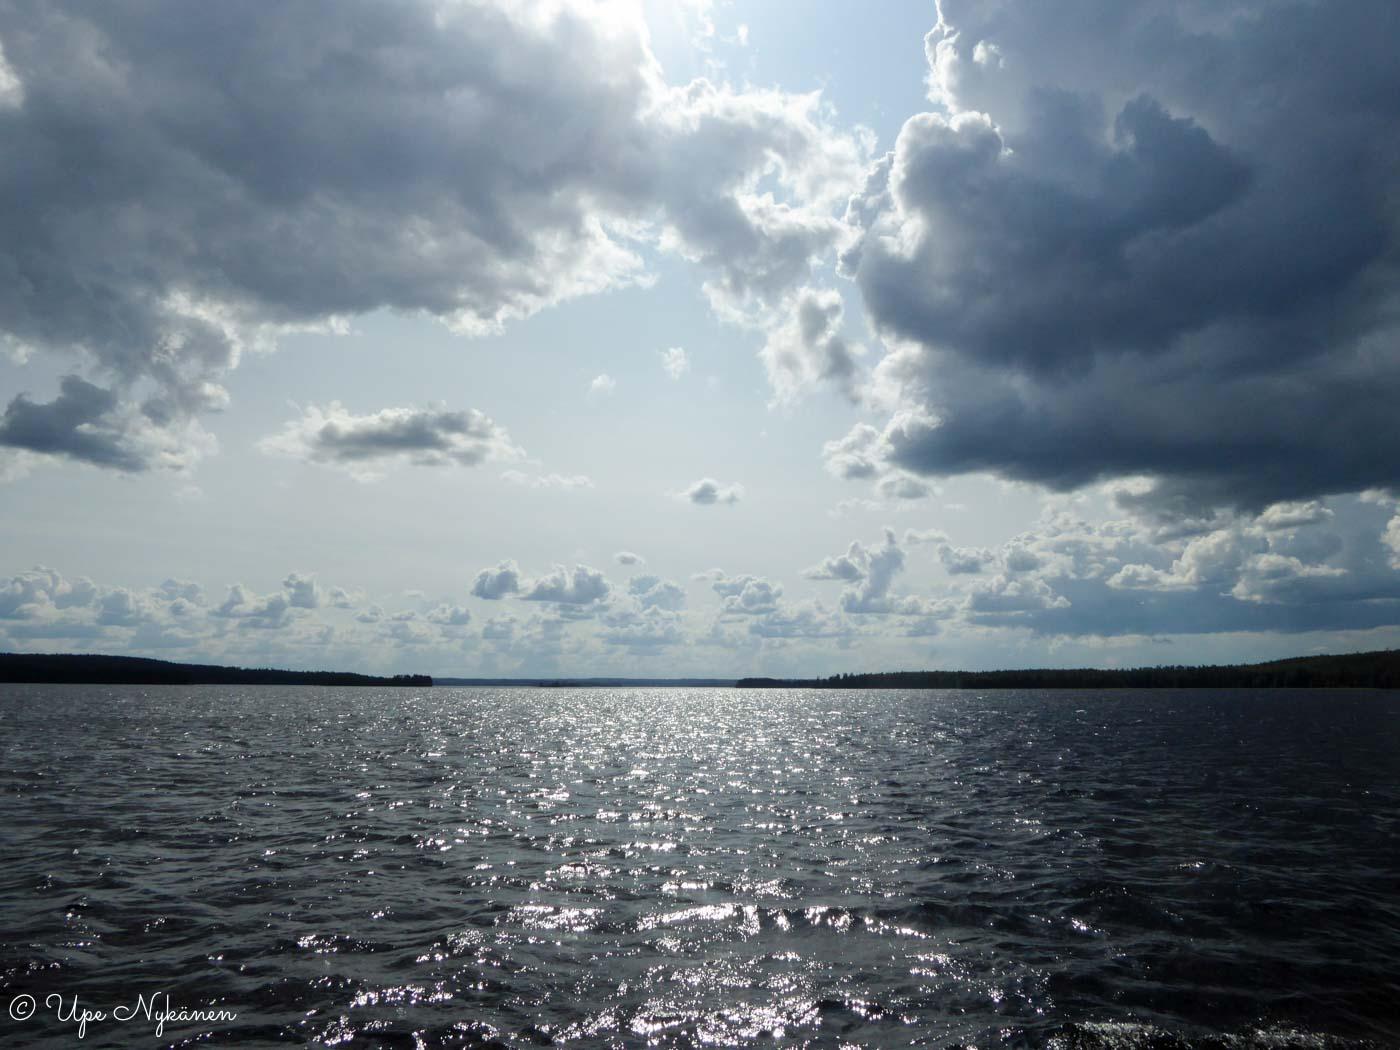 Pilvet Päijänteen yllä sateen jälkeen